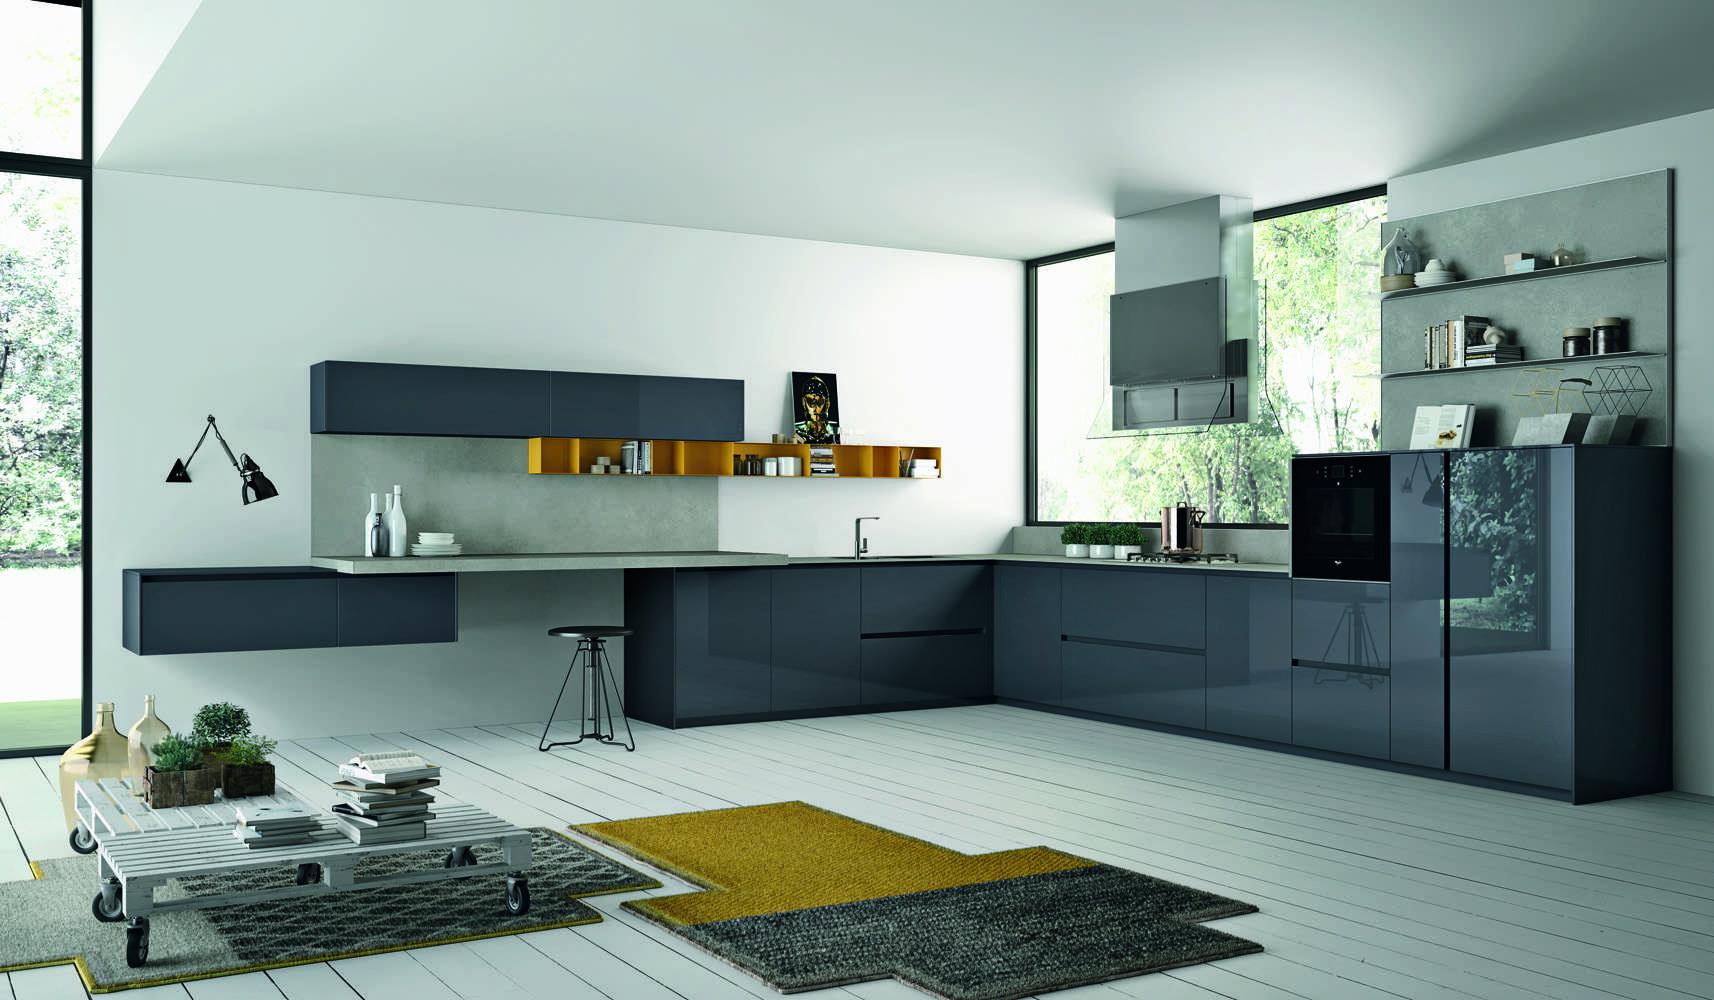 Arredamento e mobili per cucine a trento metrocubo for Mobili e arredamento